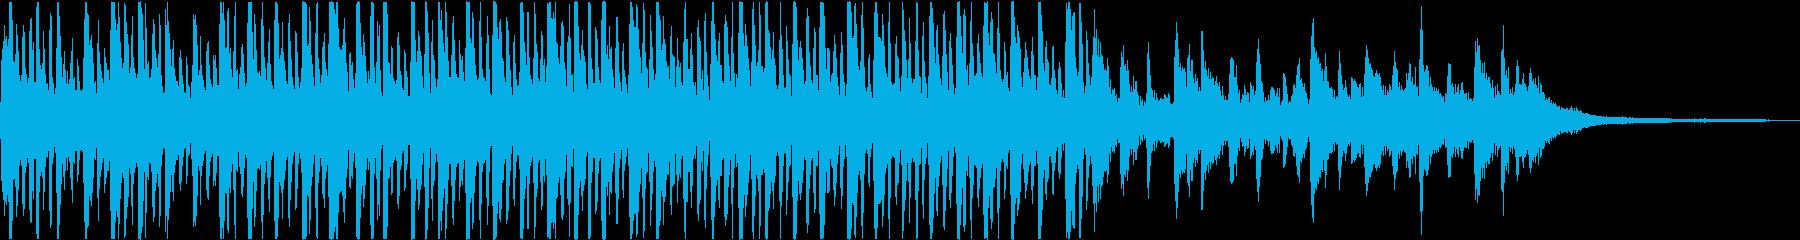 現代の交響曲 劇的な 不条理 奇妙...の再生済みの波形